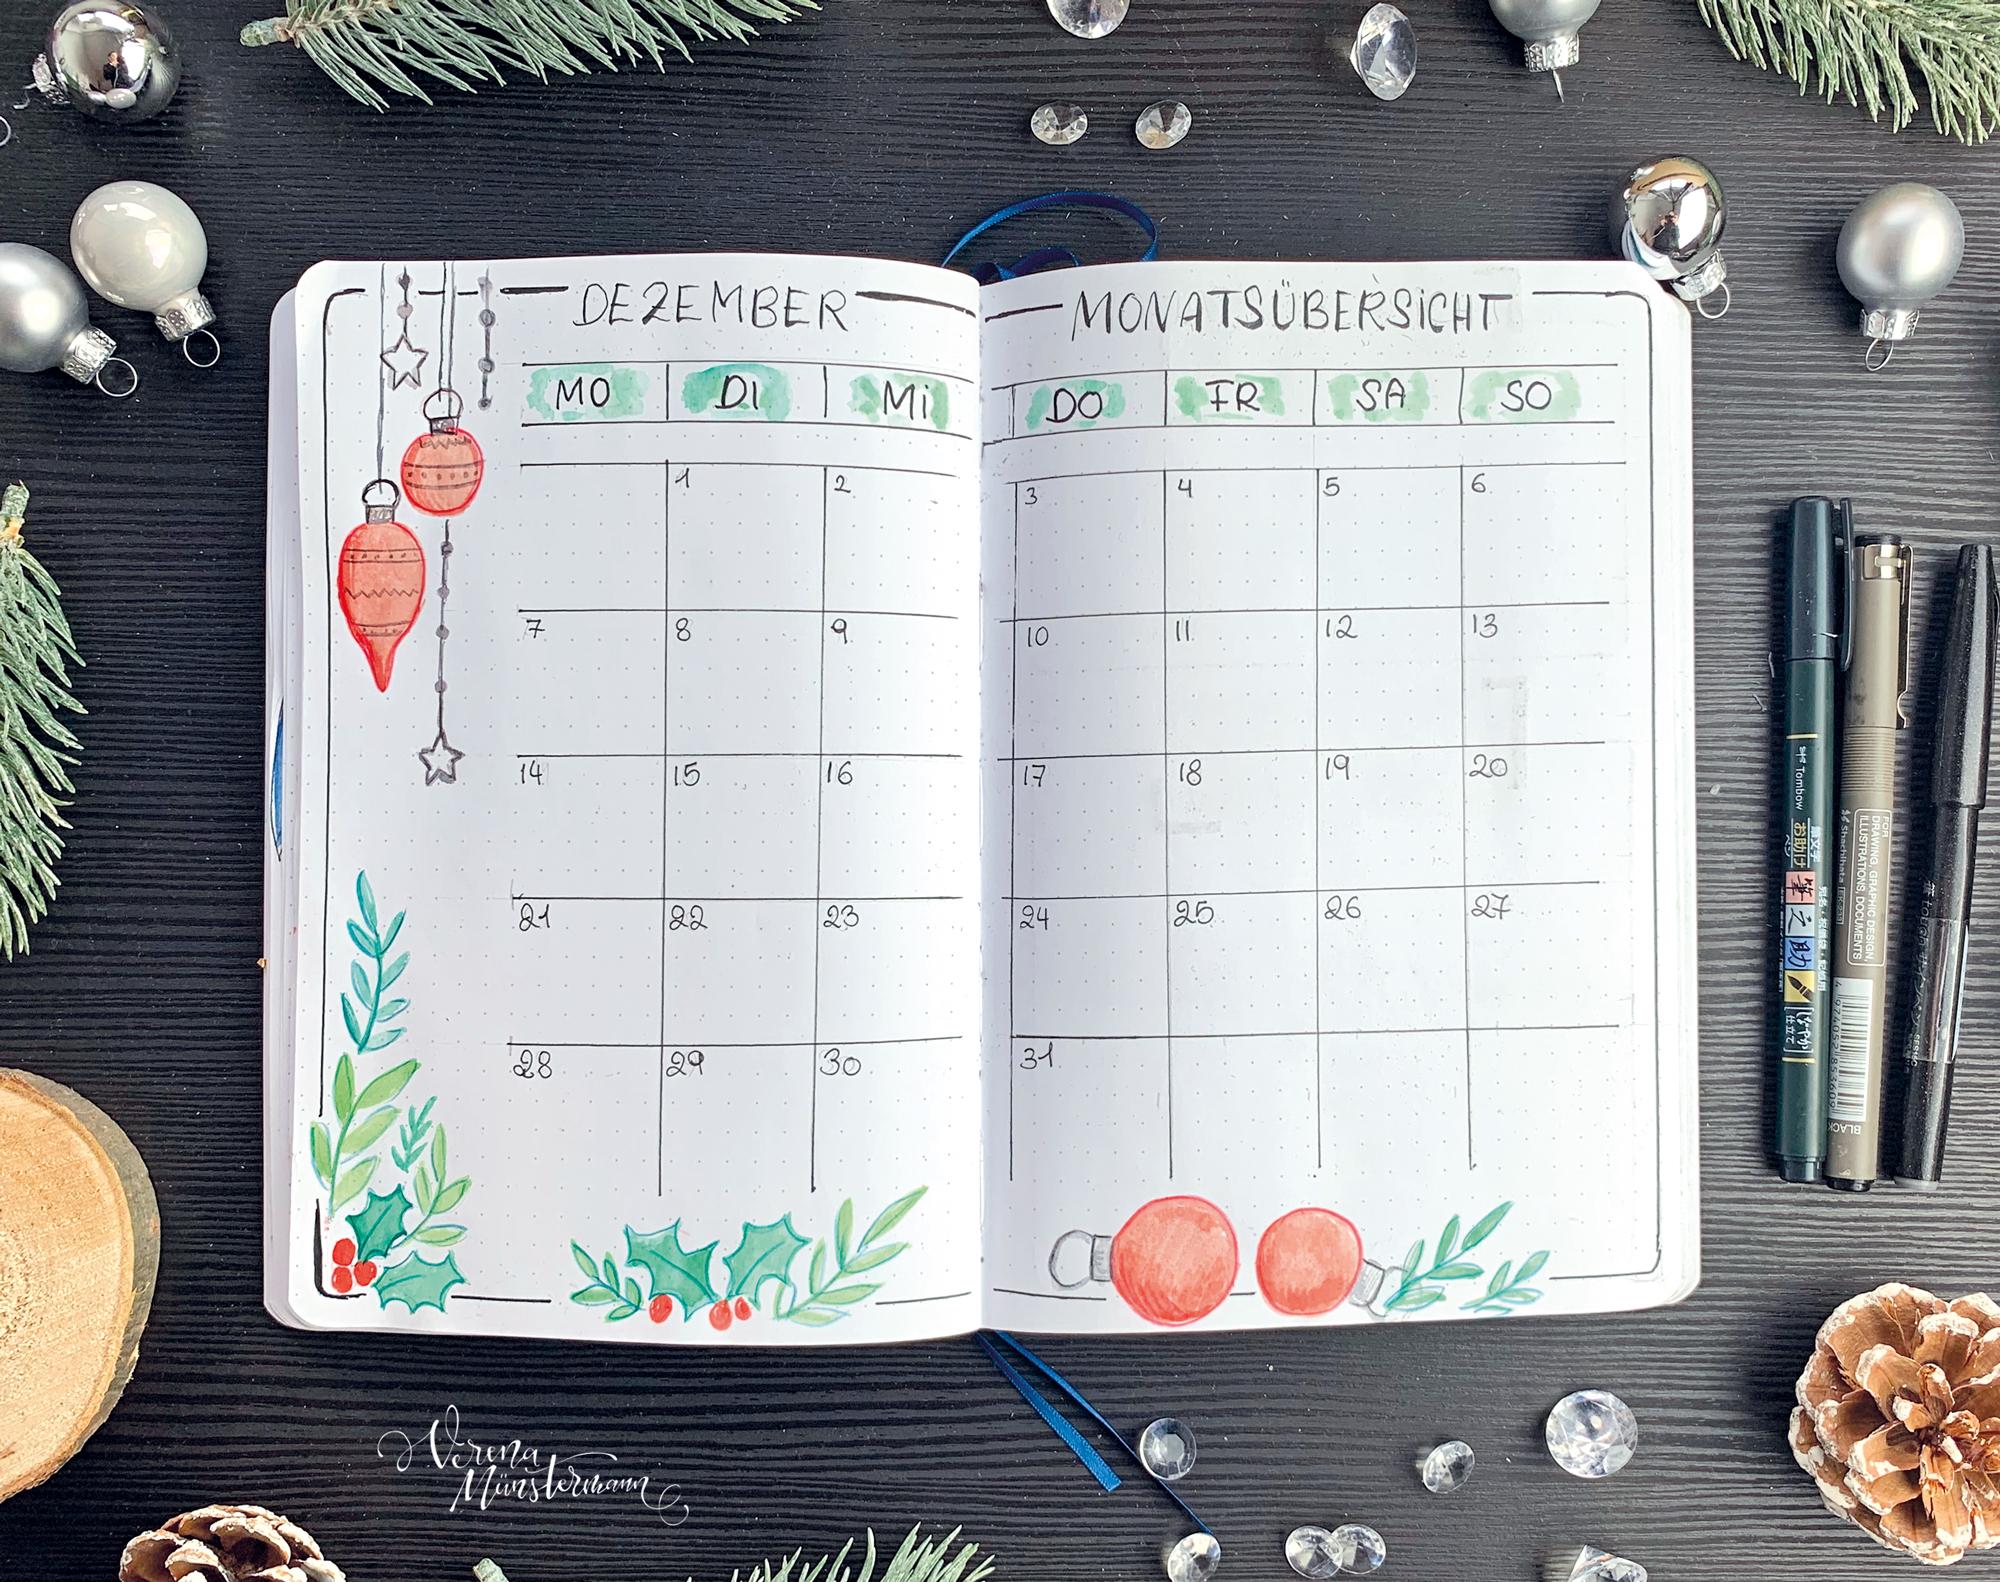 verenamuenstermann - Bullet Journal - Dezember - Monatsübersicht